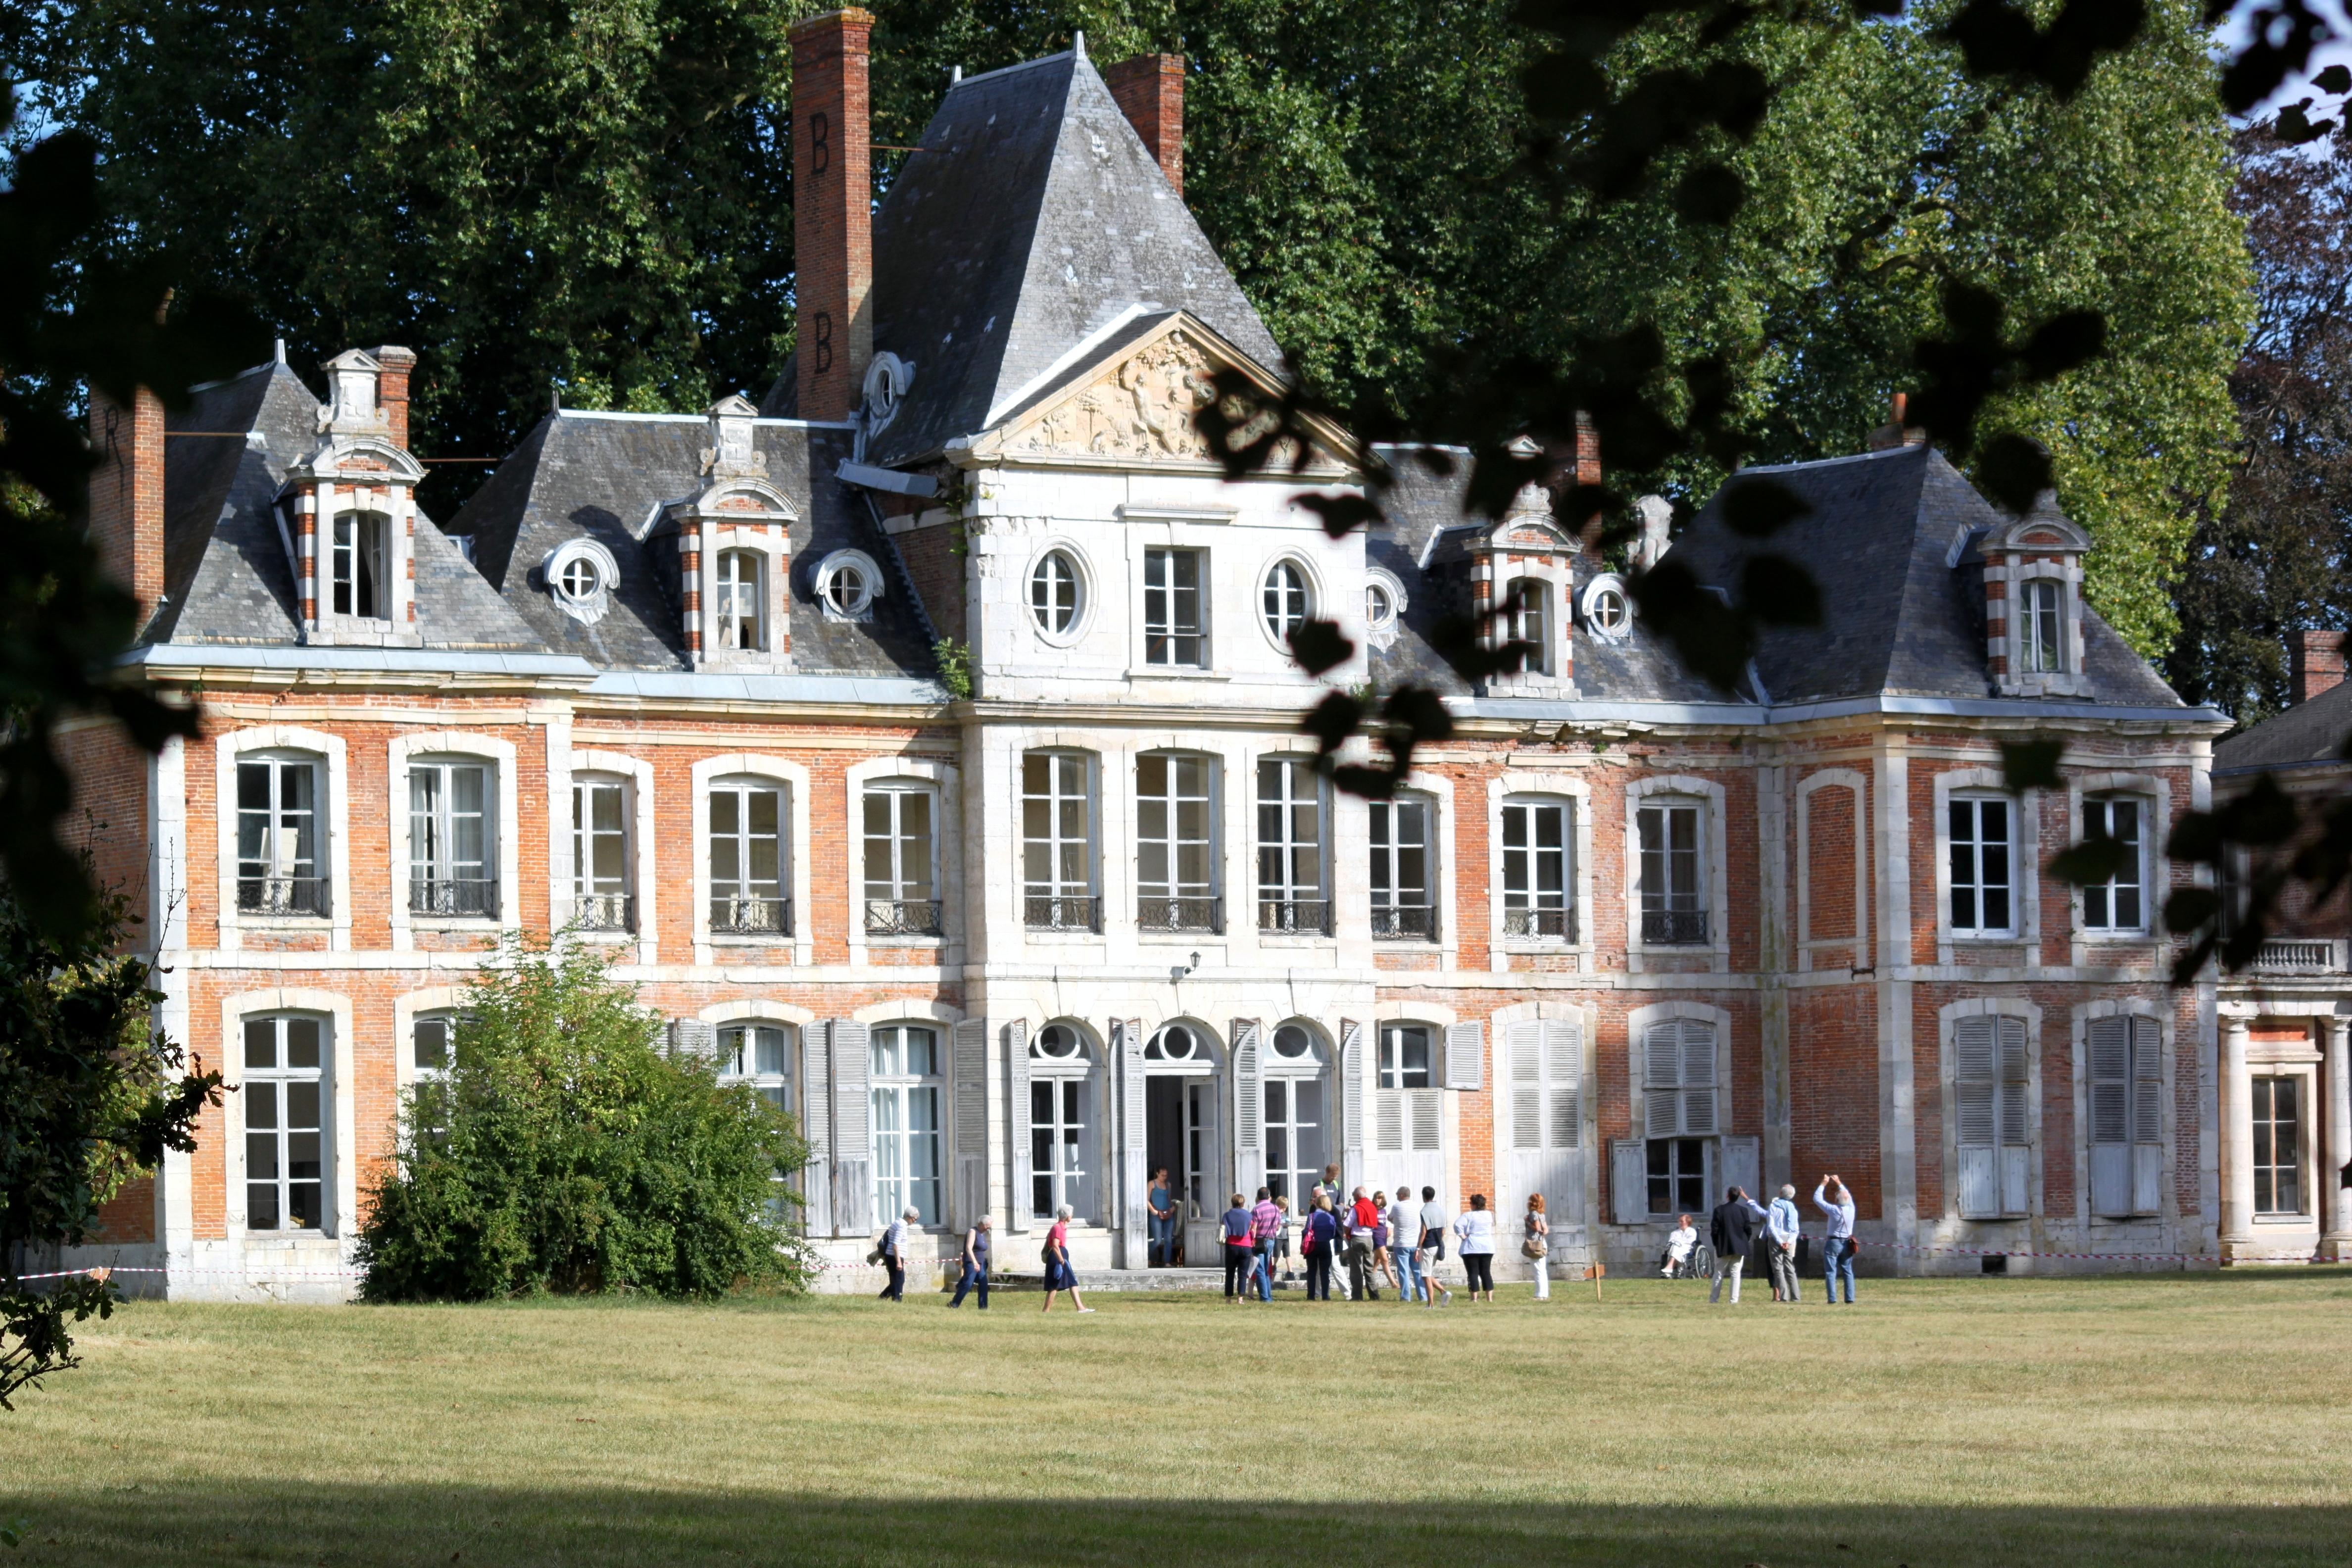 Le ch teau de martin du 9 juin trouv par ajonc page 2 - Chateau de villiers le bacle ...